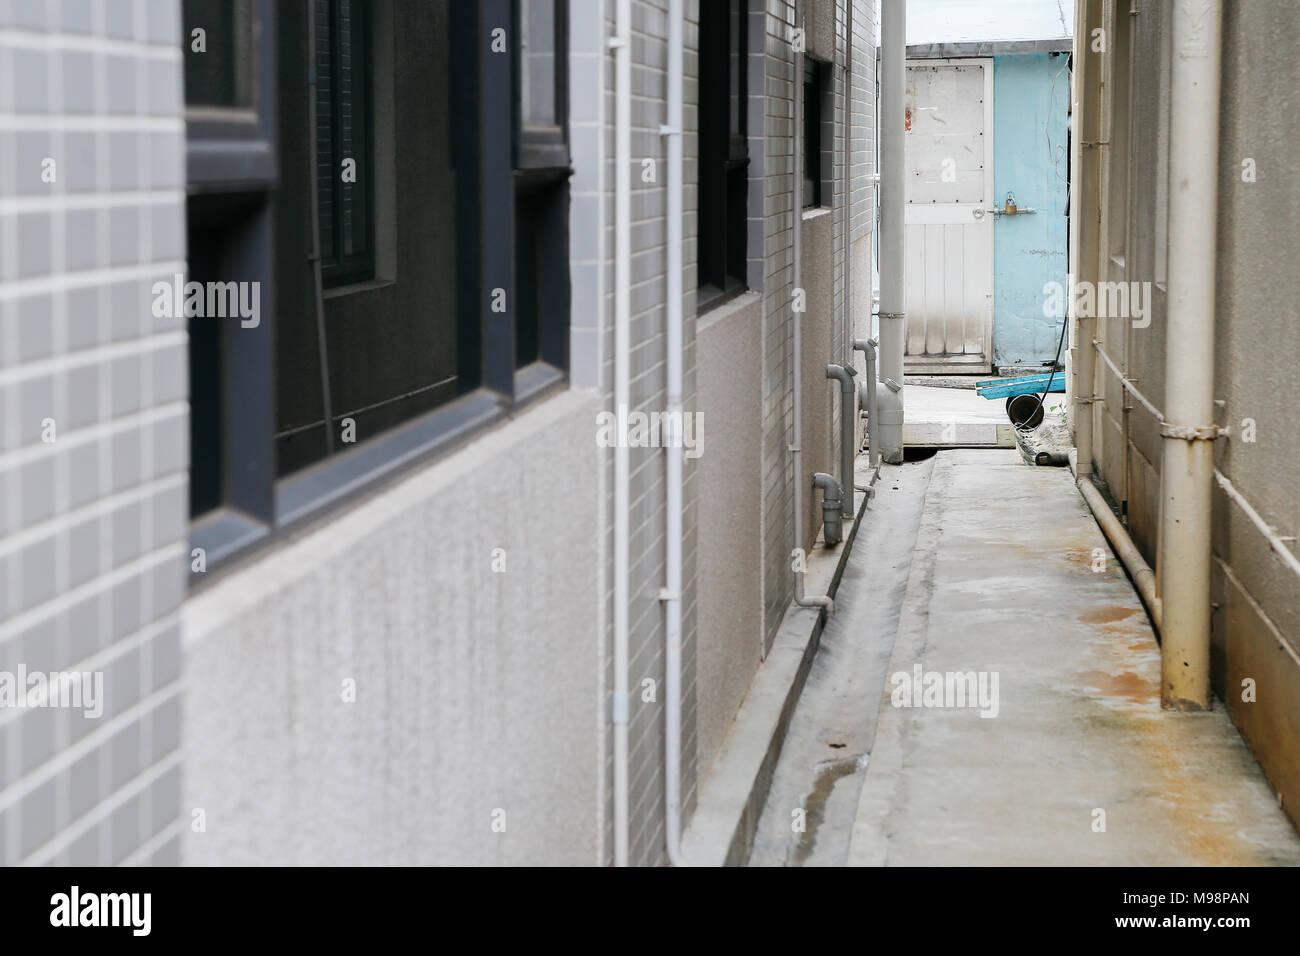 Narrow back street in HongKong - Stock Image